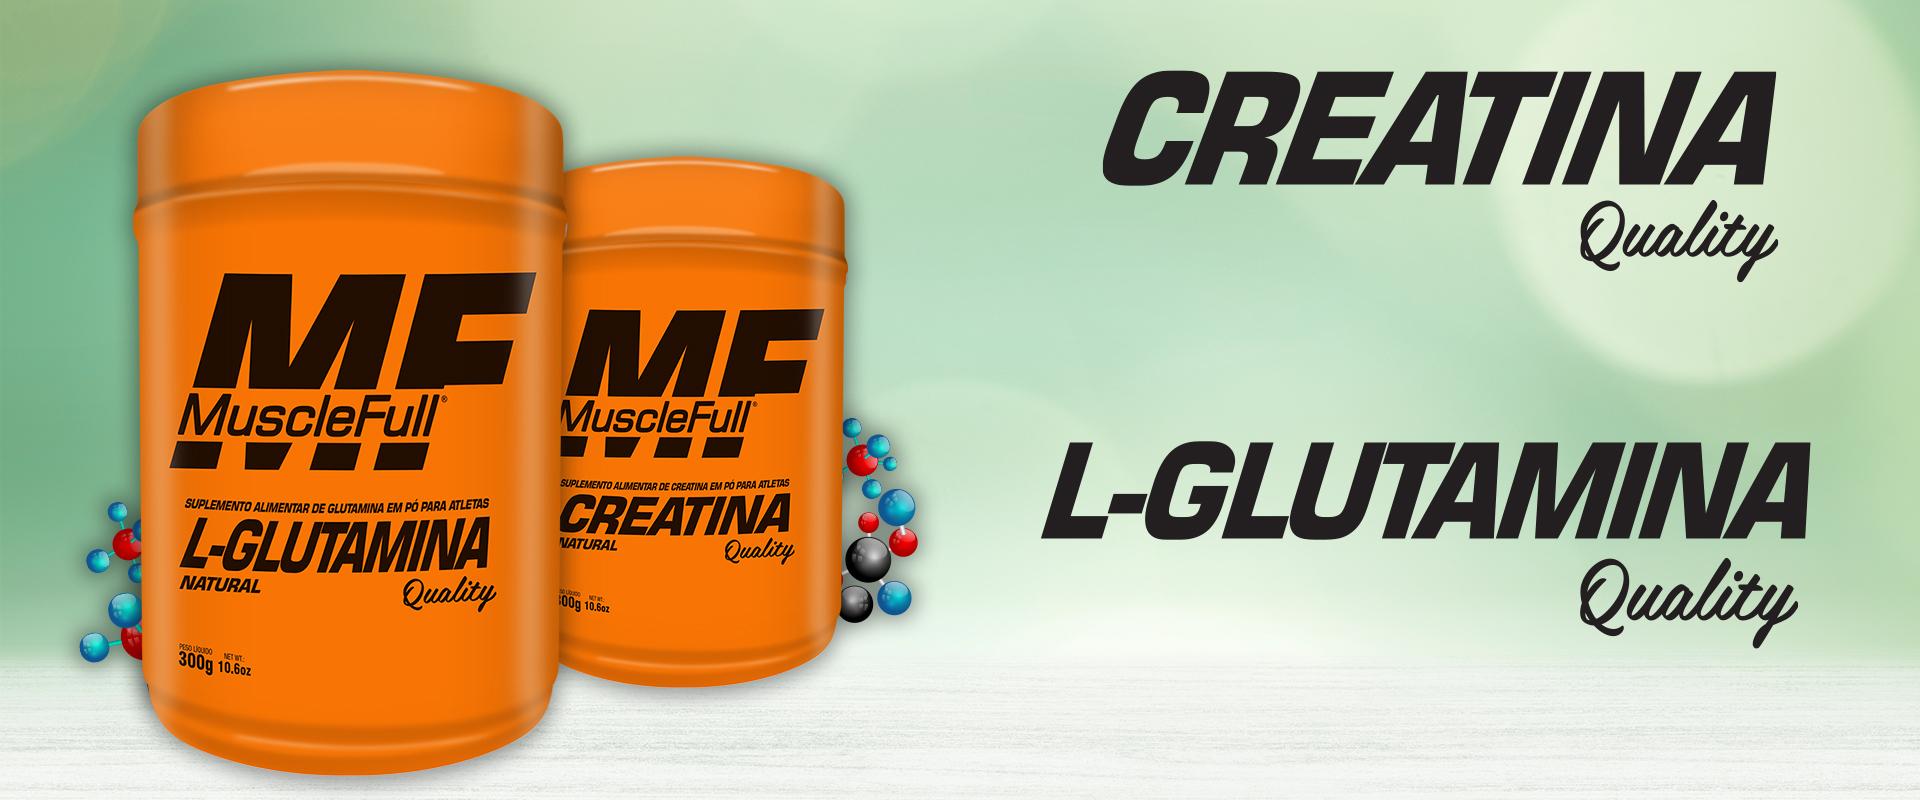 Glutamina e Creatina Quality